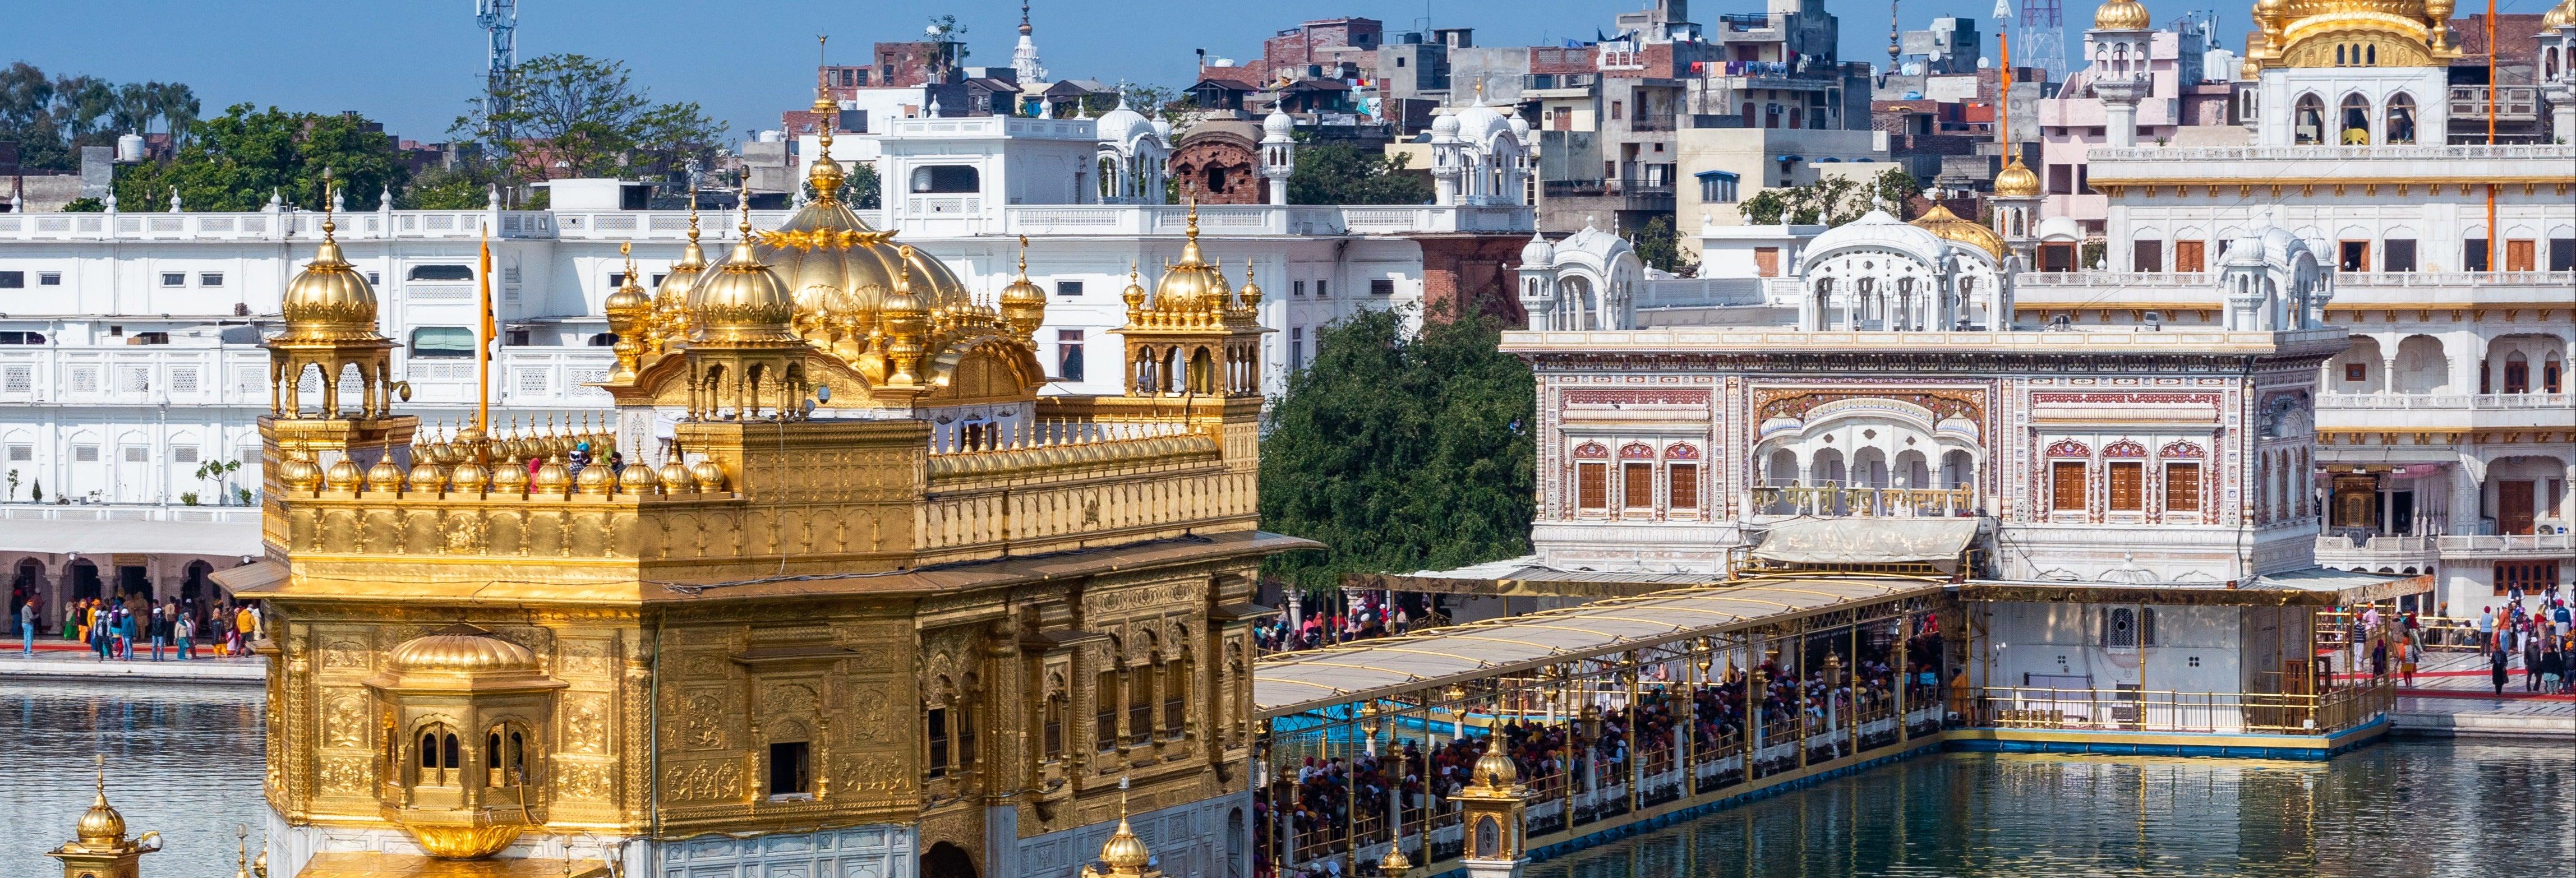 Visita guiada por Amritsar y sus templos